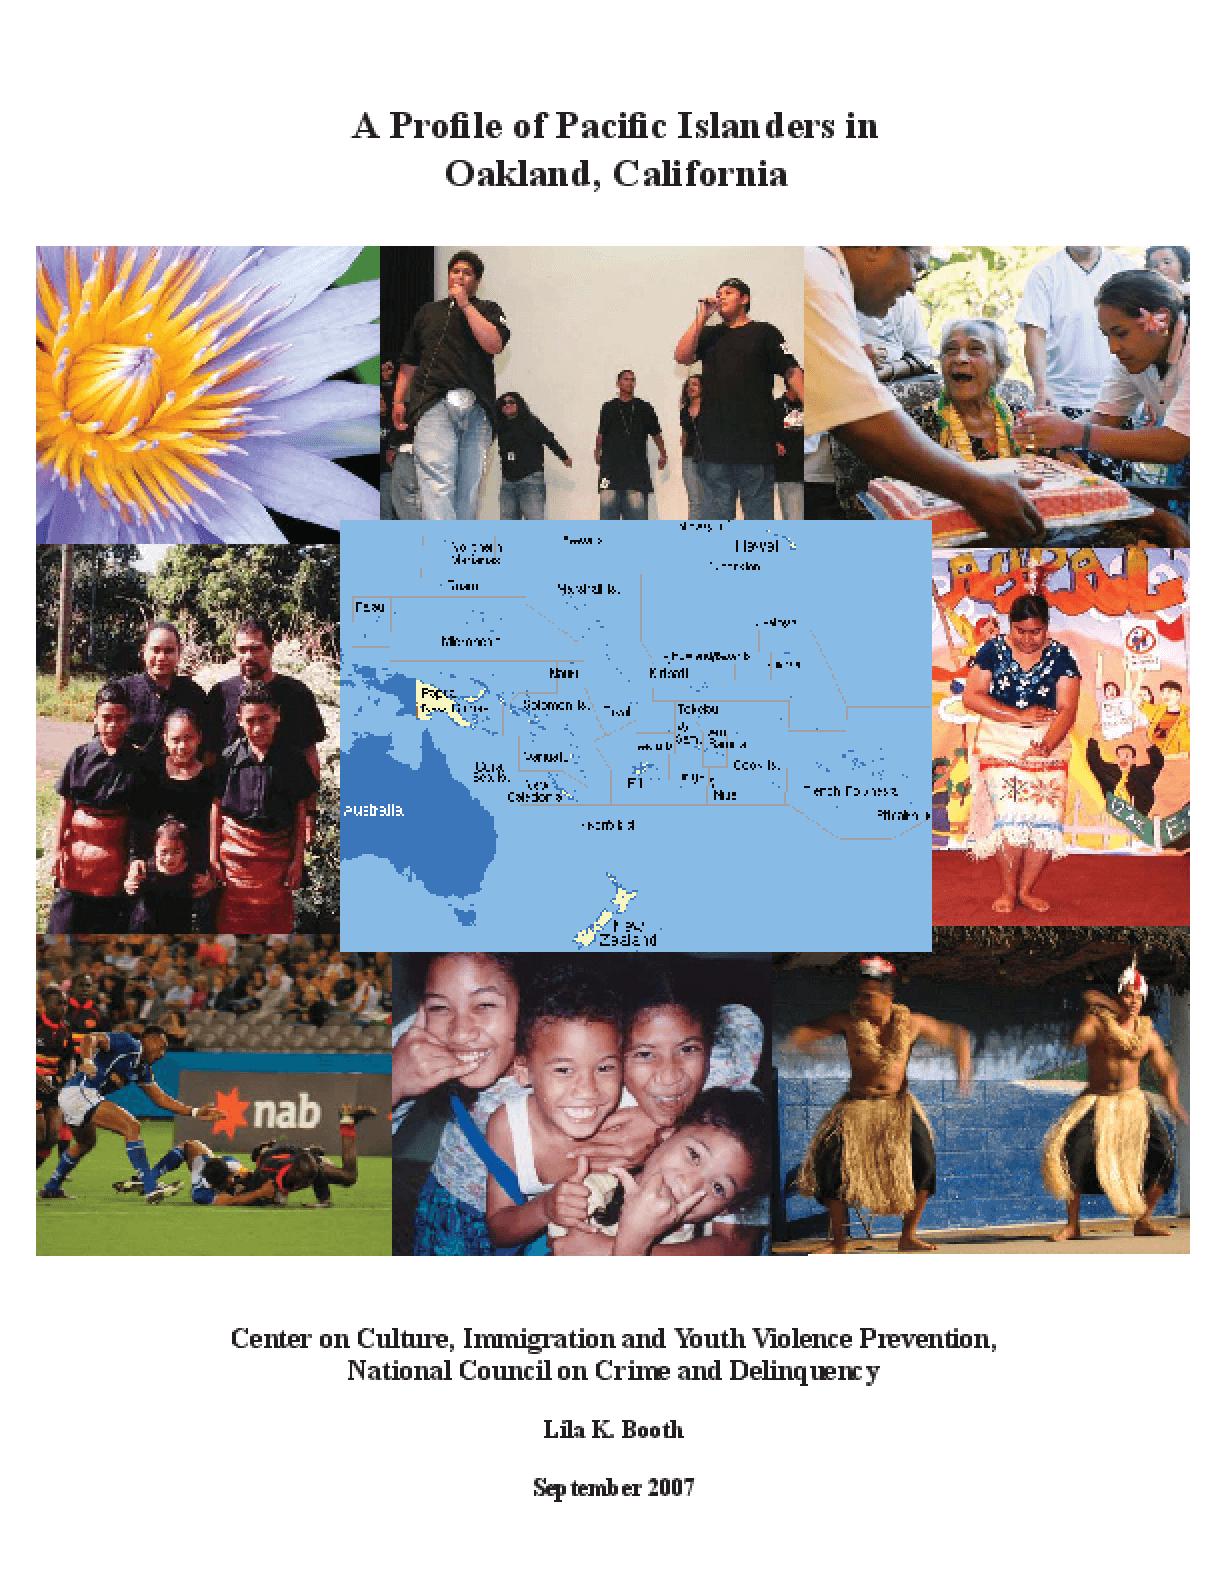 A Profile of Pacific Islanders in Oakland, California